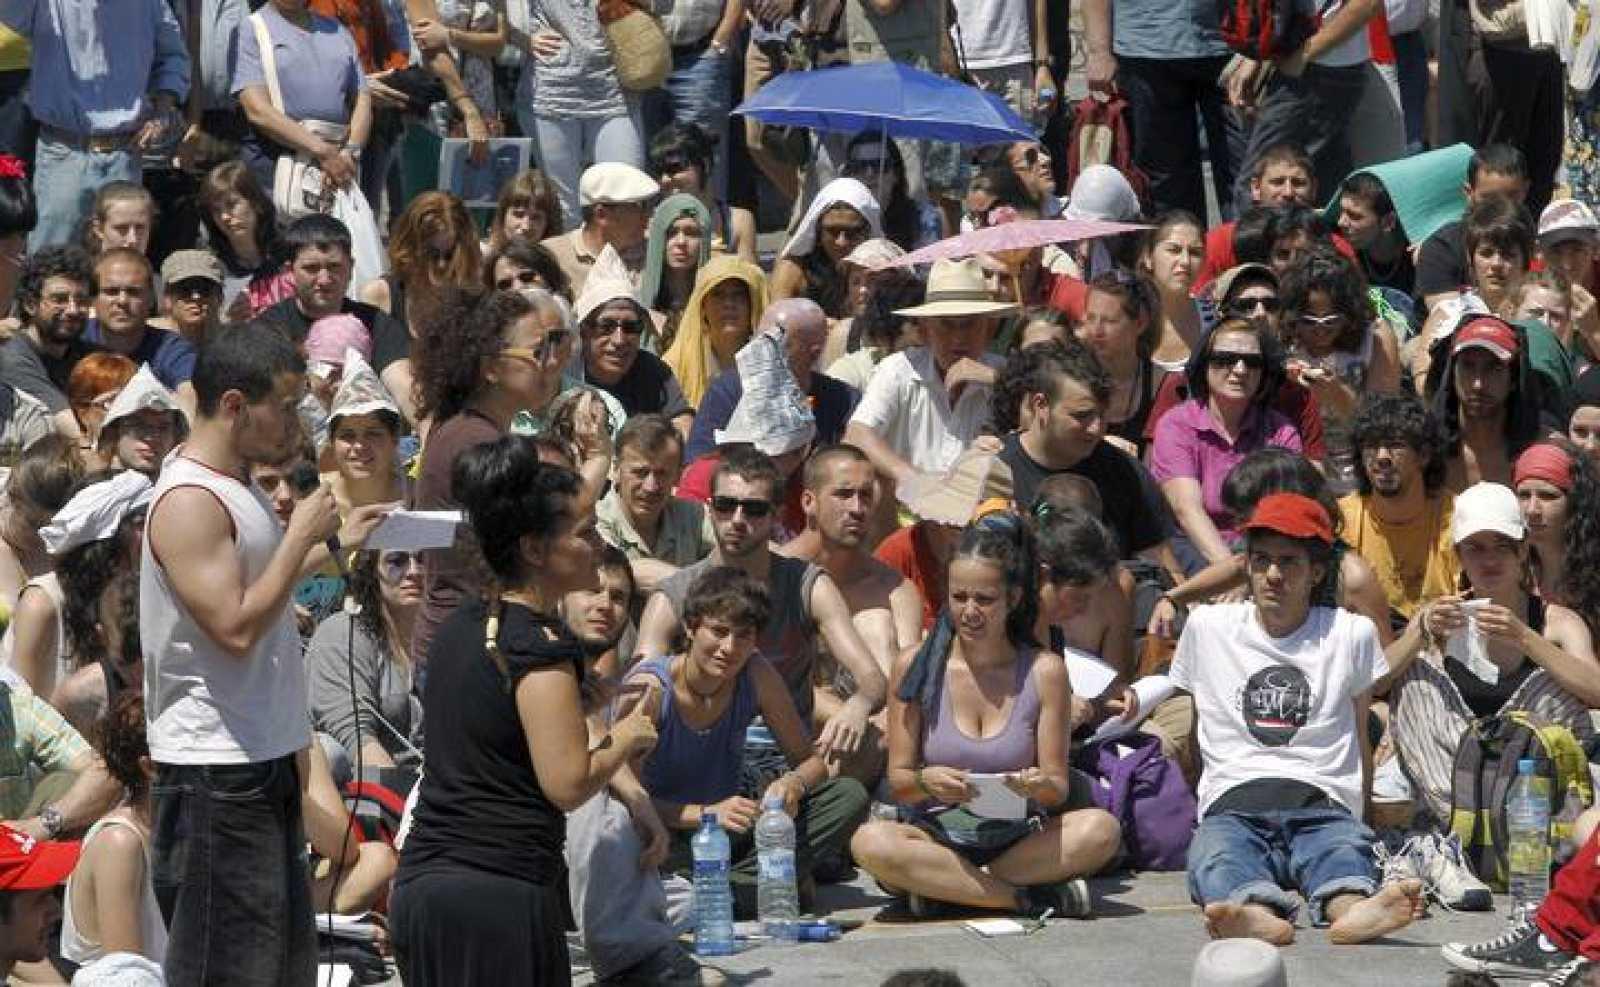 Los jóvenes acampados en la Puerta del Sol de Madrid en demanda de un cambio político y social